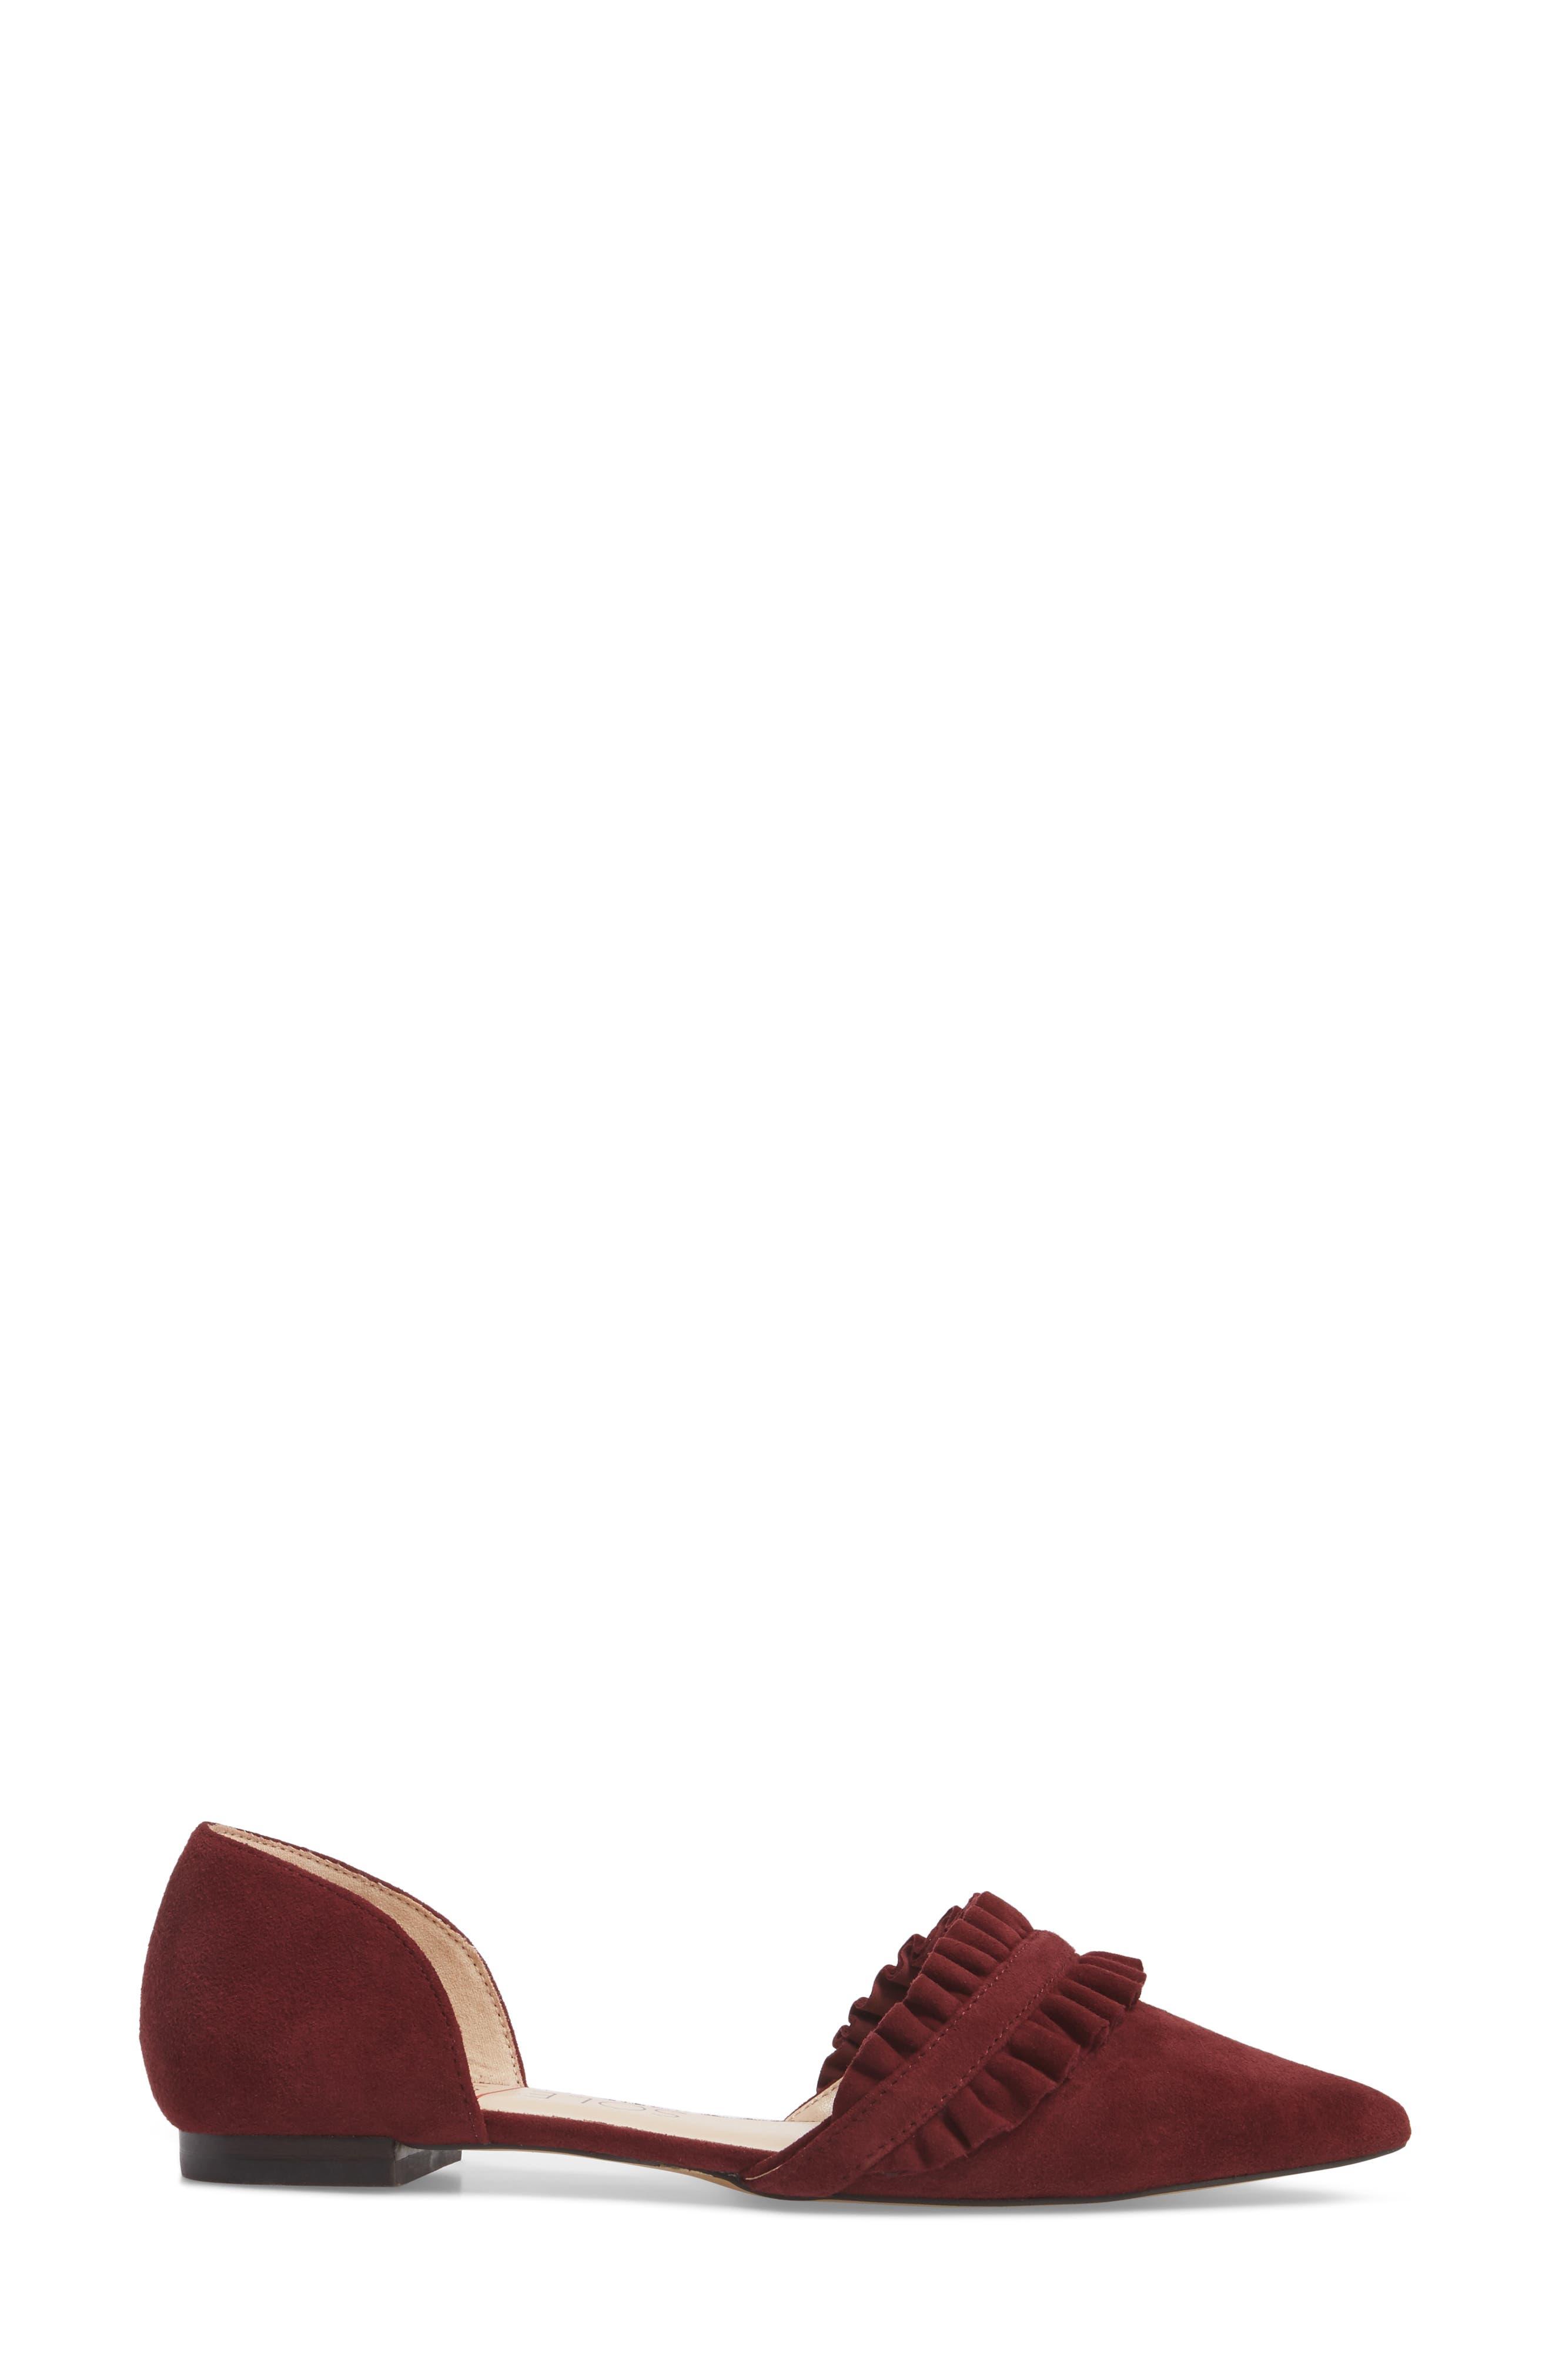 Rosalind Ruffle d'Orsay Flat,                             Alternate thumbnail 3, color,                             Merlot